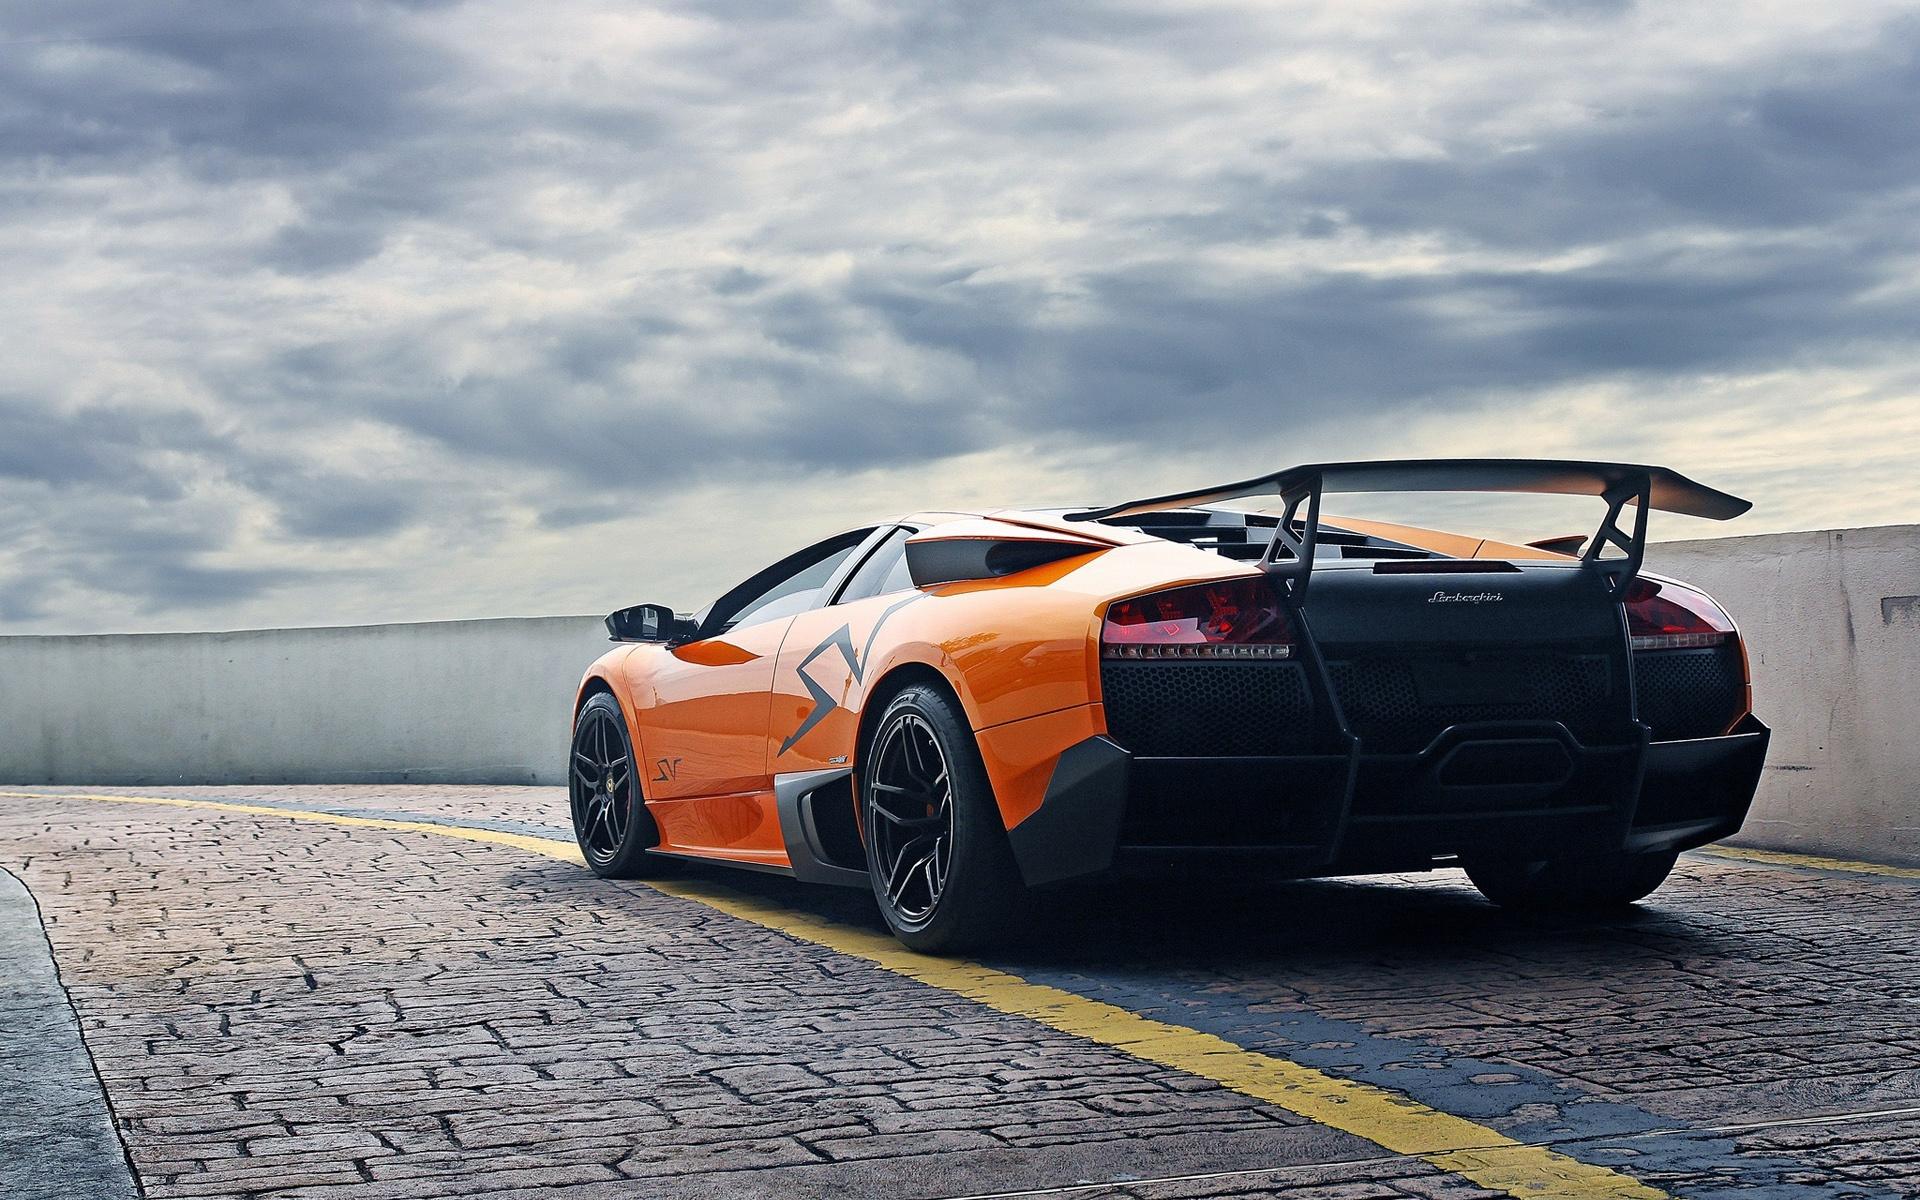 Wallpaper Lamborghini Murcielago Lp670 4 Sv Orange Supercar